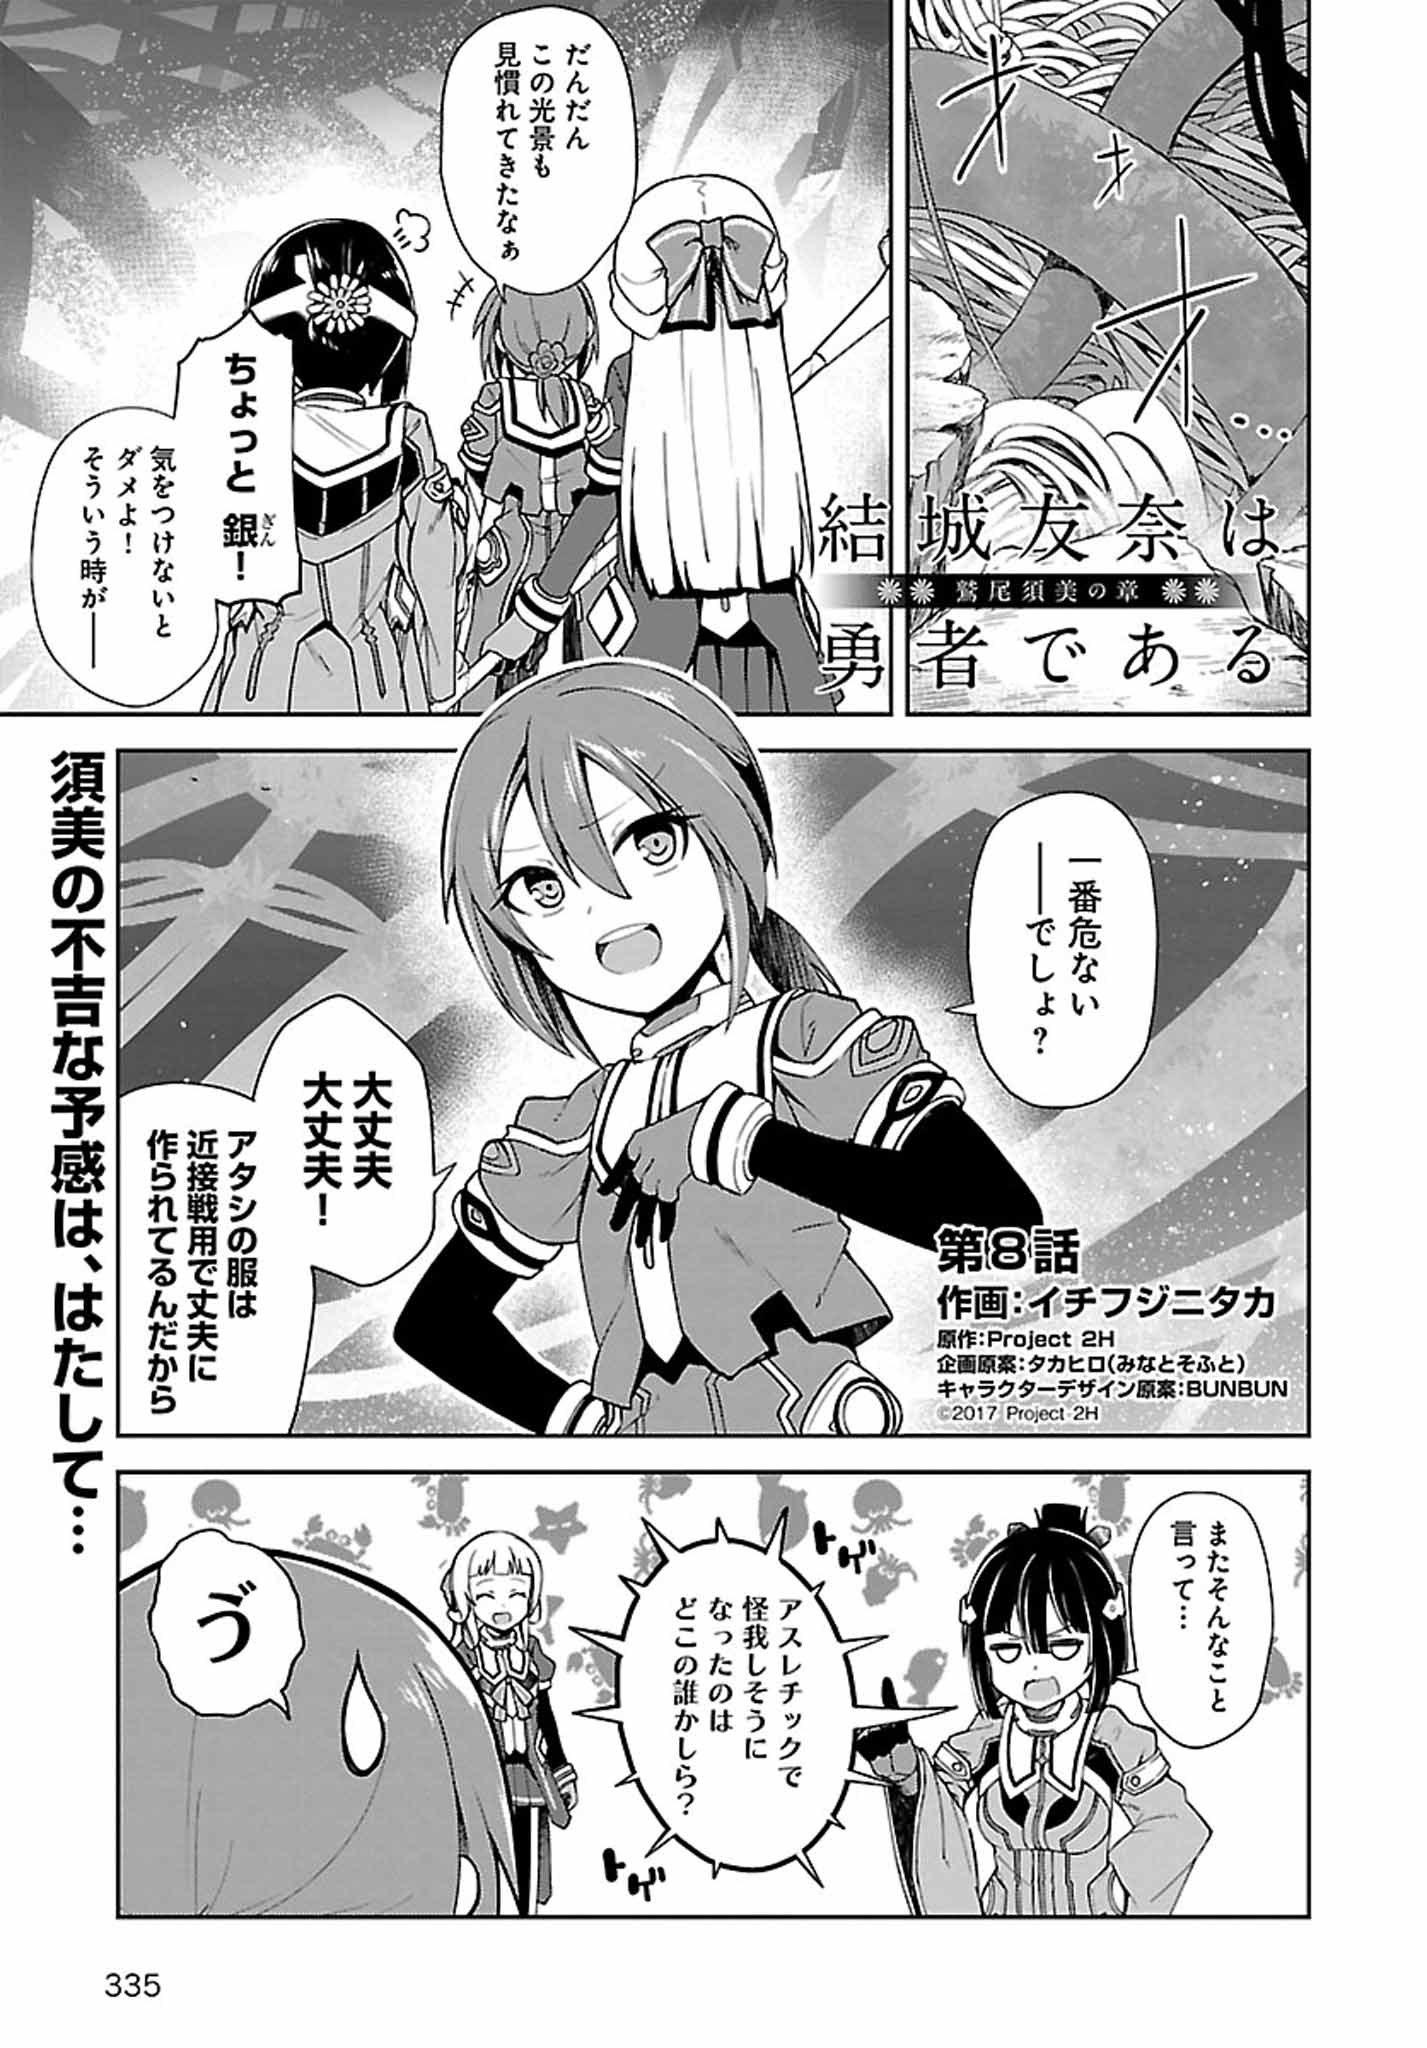 washio sumis chapter manga chapter 8